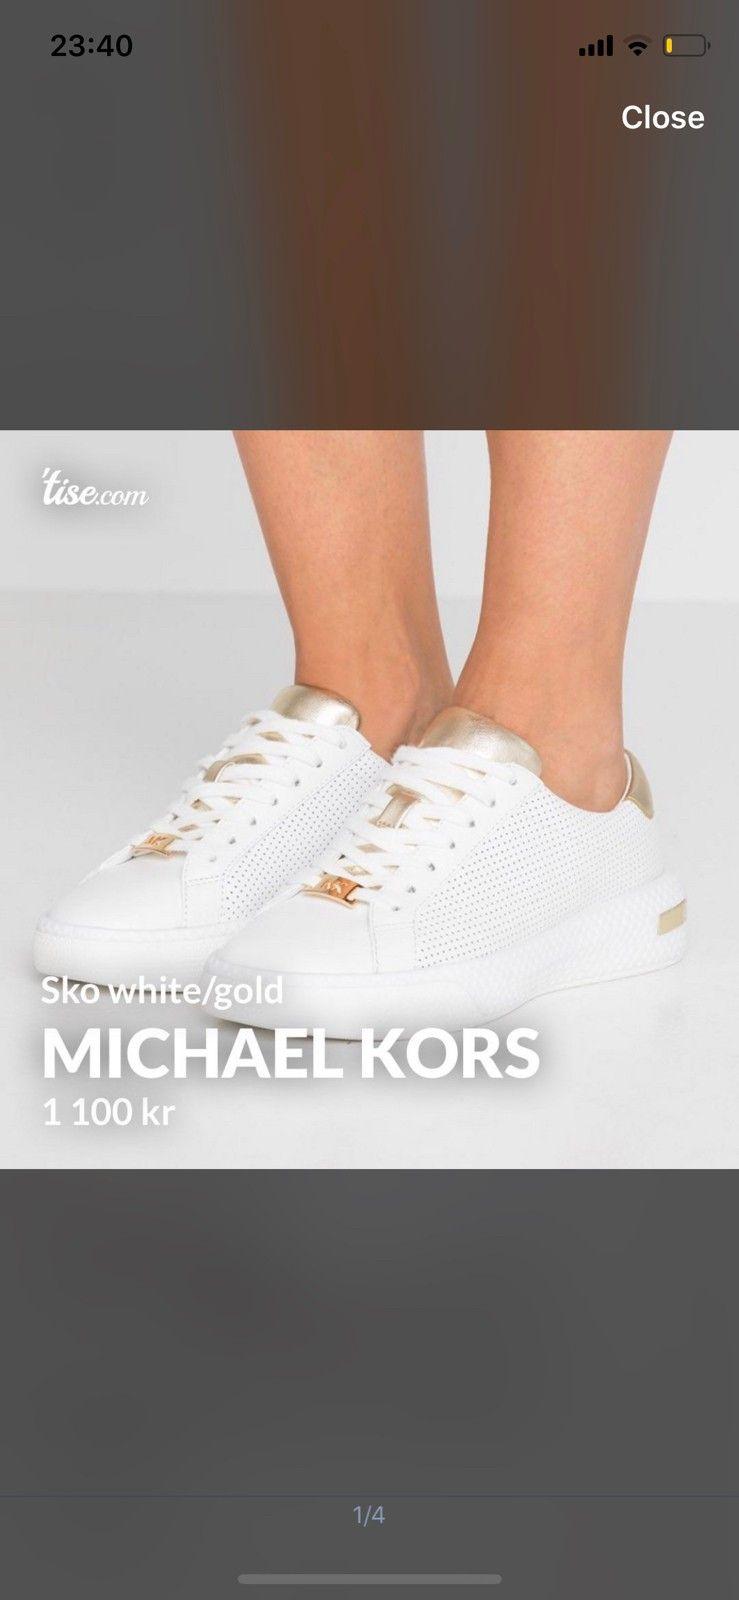 Michael Kors sko i kalveskinn nye! | FINN.no